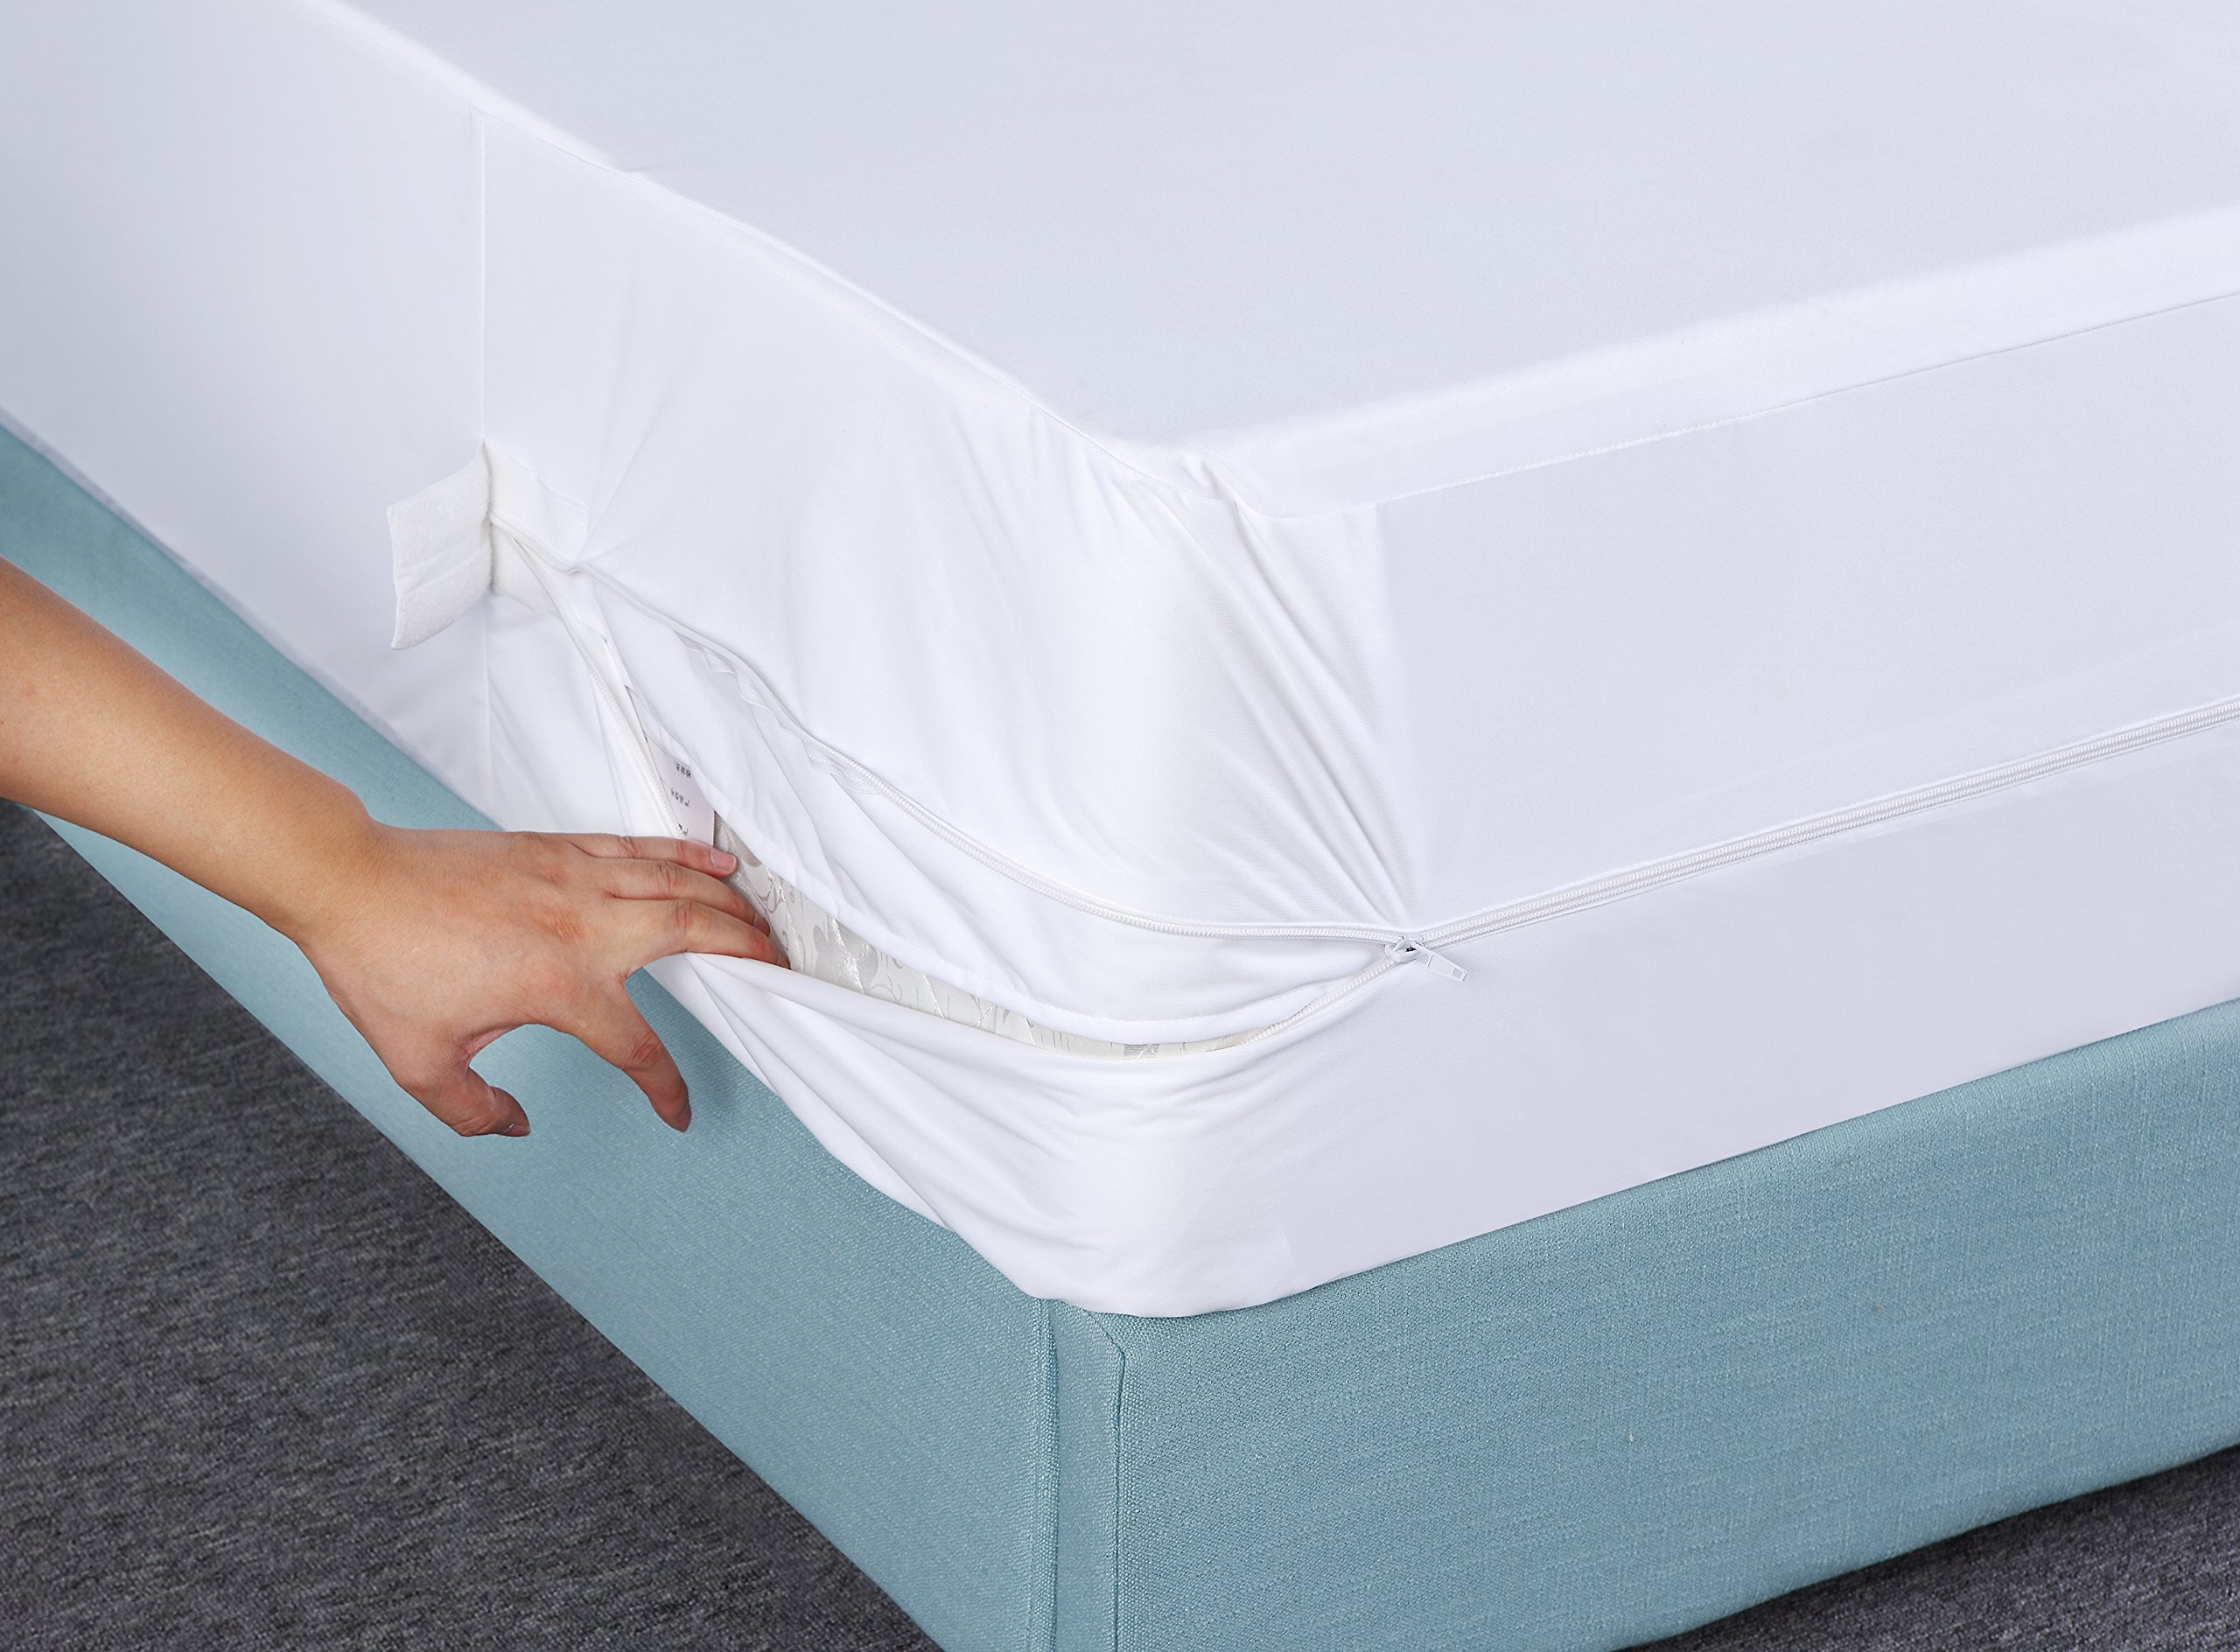 Utopia Bedding Zippered Bed Bug Proof Waterproof Mattress Encasement Queen 754207396168 Ebay